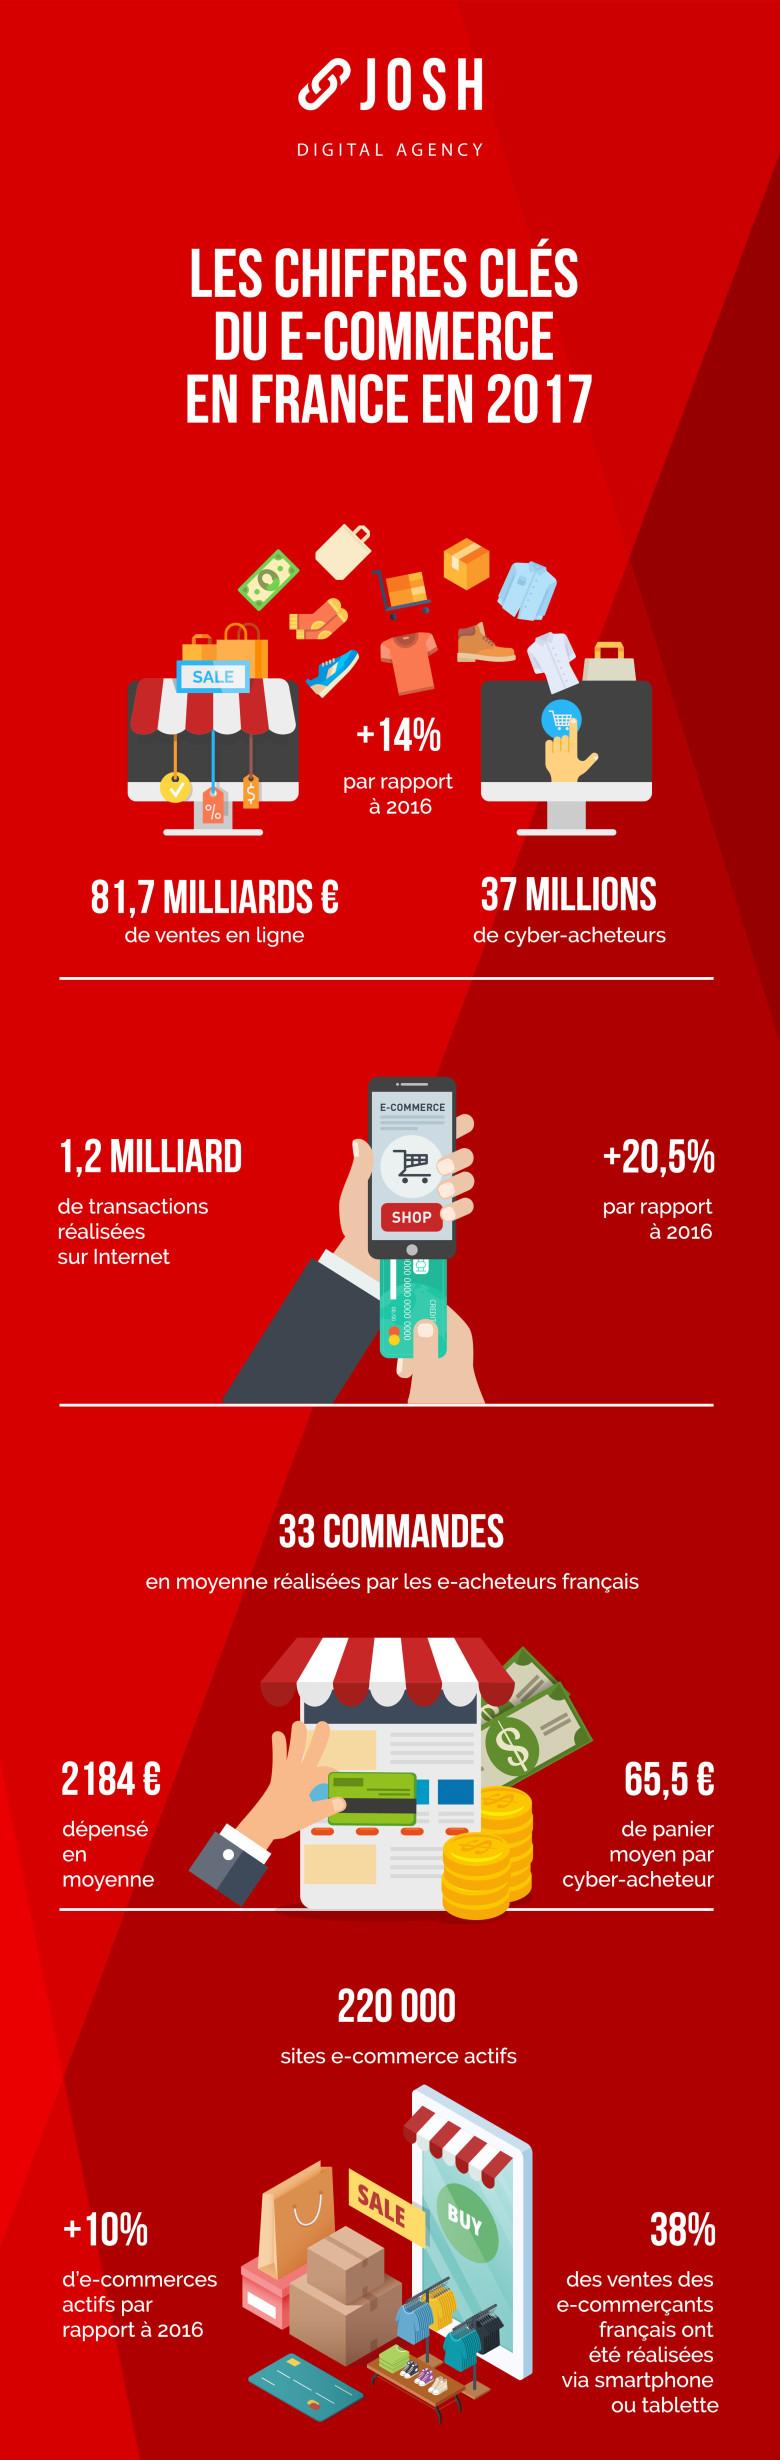 Infographie : les chiffres-clés de l'e-commerce en 2017